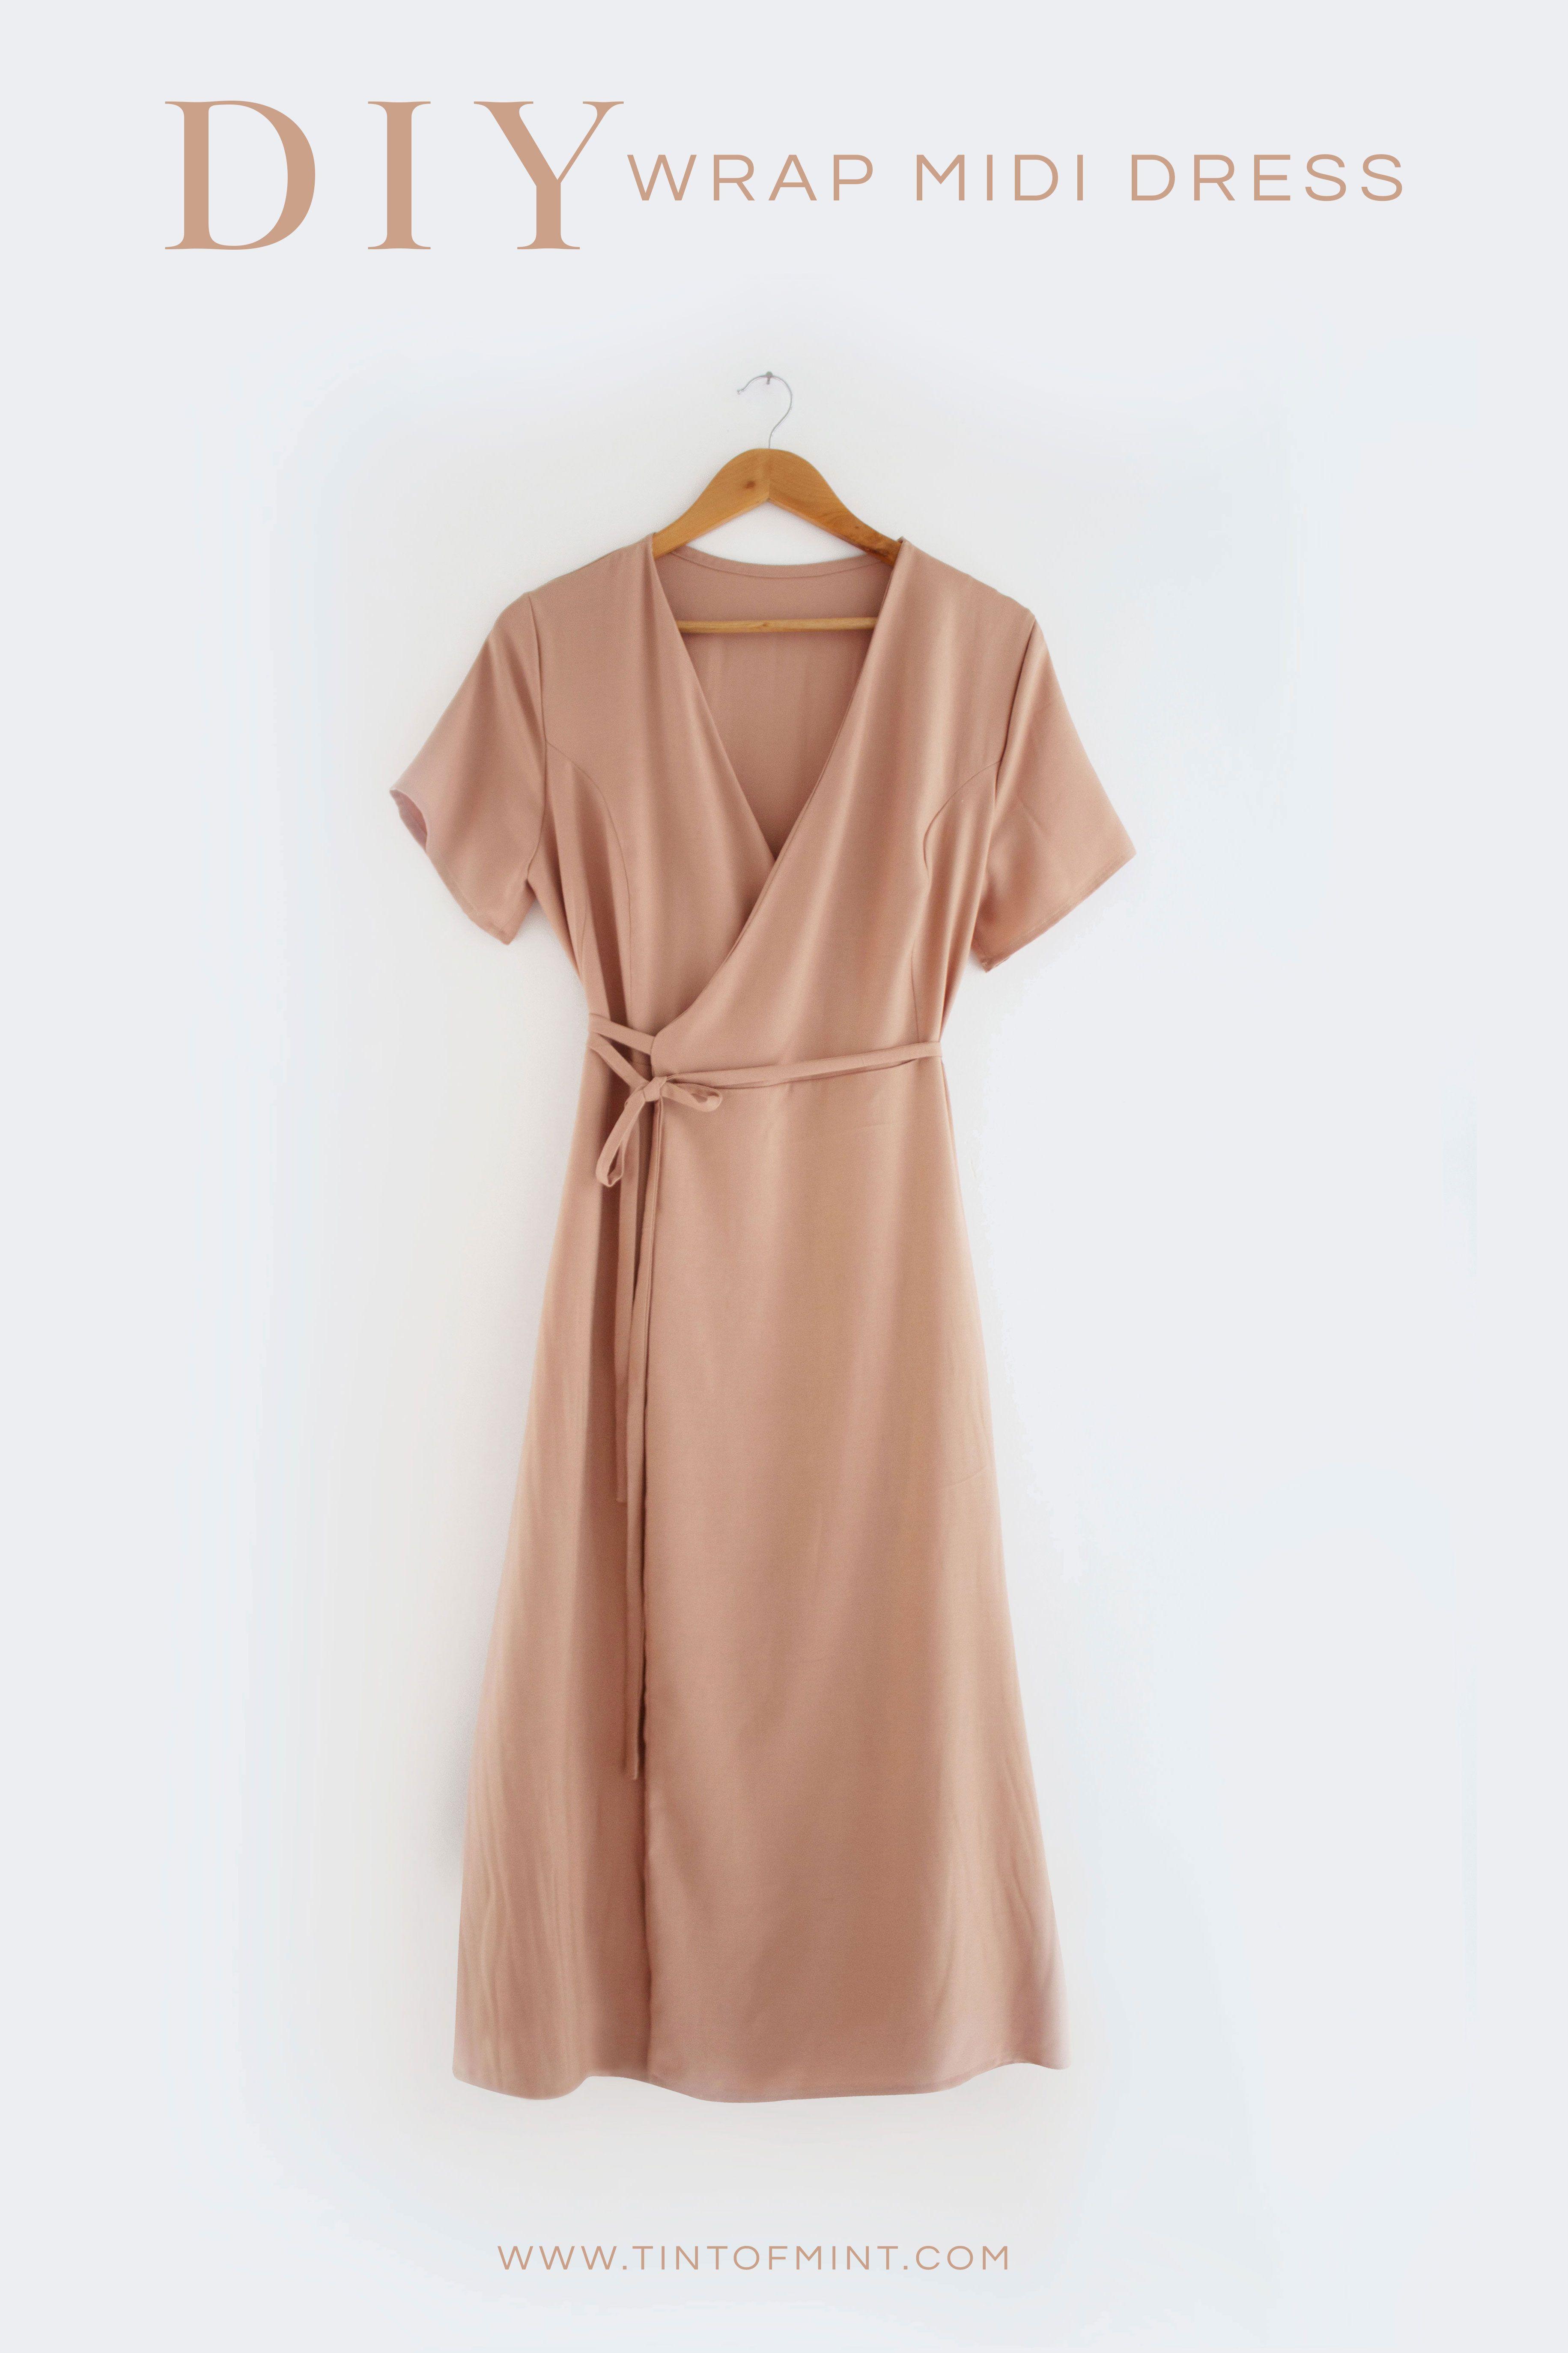 DIY Wrap Midi Dress